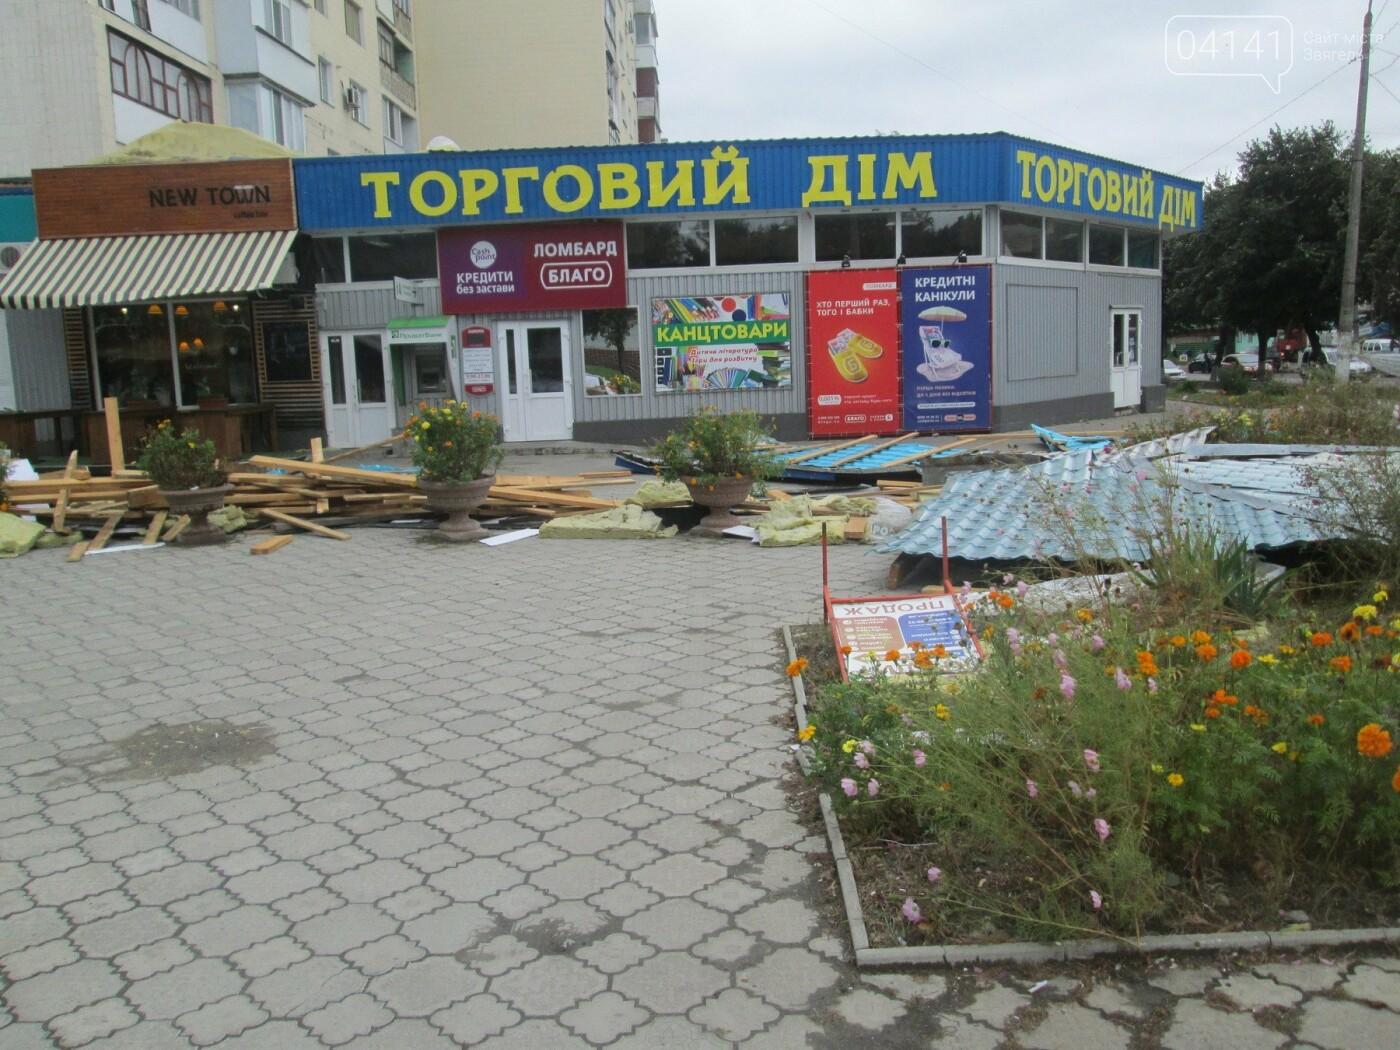 У Новограді-Волинському вітер наробив лиха (ФОТО, ВІДЕО), фото-2